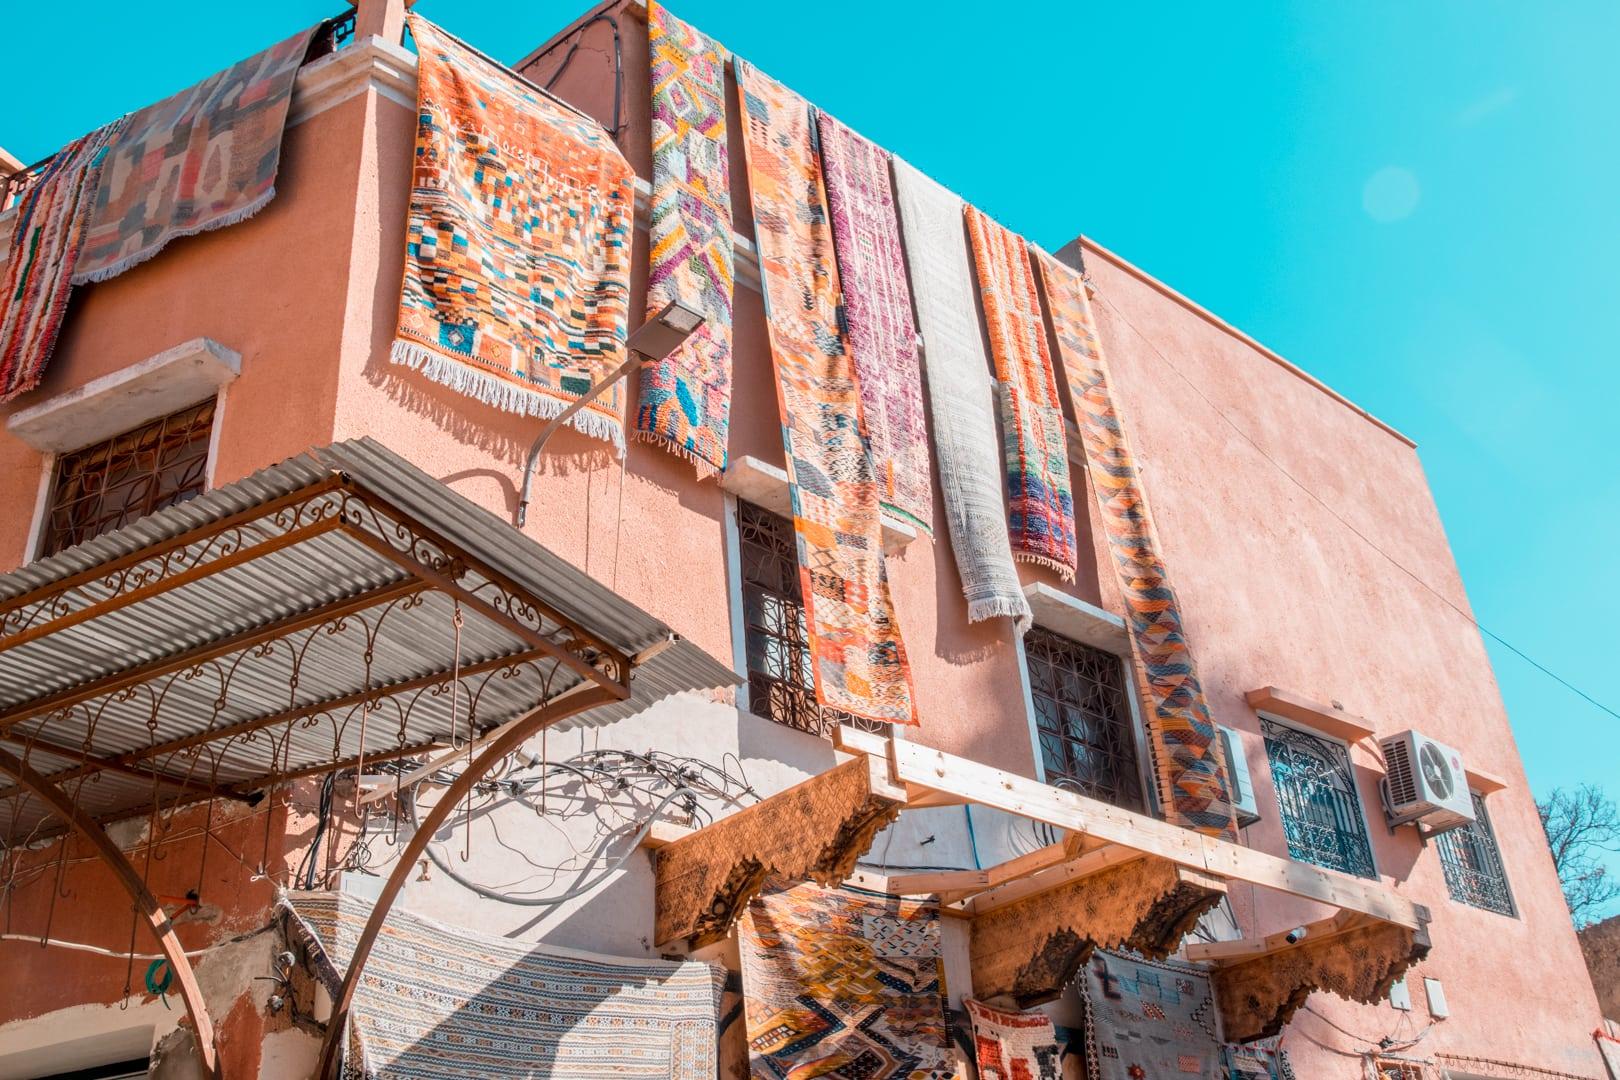 Marrakech Souks24 1 - Mijn Marrakech tips: 10 bezienswaardigheden die je niet mag overslaan op je stedentrip